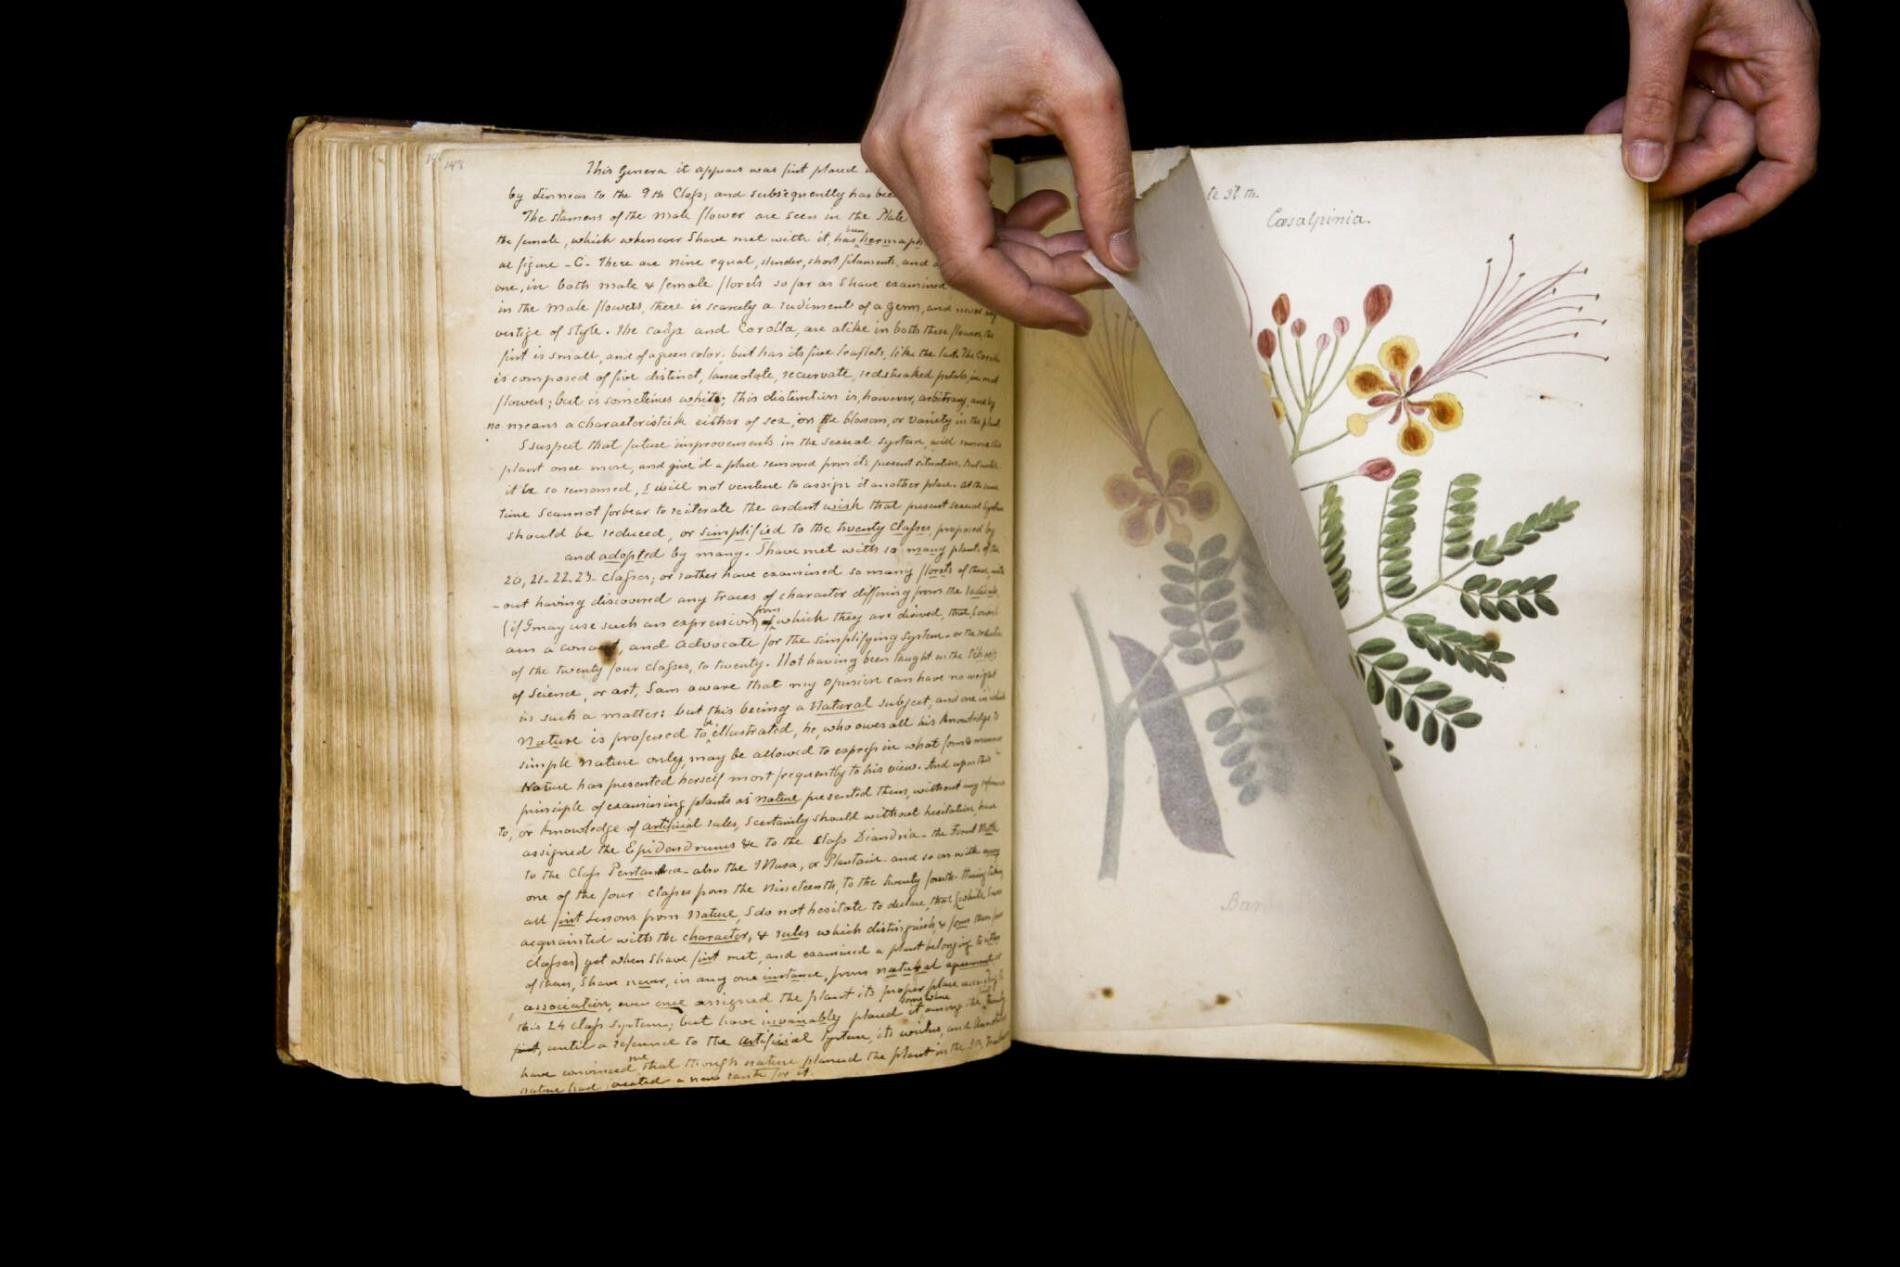 """Der Pfauenstrauch (""""Caesalpinia pulcherrima"""") ist ein blütentragender Strauch, der im tropischen und subtropischen Amerika heimisch ist. Diese Zeichnung der Pflanze stammt aus der Feder von Anne Wollstonecraft, die im 19. Jahrhundert in Kuba detaillierte Illustrationen und Beschreibungen der dortigen Fauna anfertigte. Ihr Werk befindet sich aktuell in den Rare and Manuscript Collections der Cornell University. Nach fast 200 Jahren wurde ihr Manuskript nun endlich wiederentdeckt. Neben den Zeichnungen enthält es historische Fakten, Verwendungsmöglichkeiten, Gedichte und persönliche Beobachtungen von mehr als hundert Pflanzenarten."""